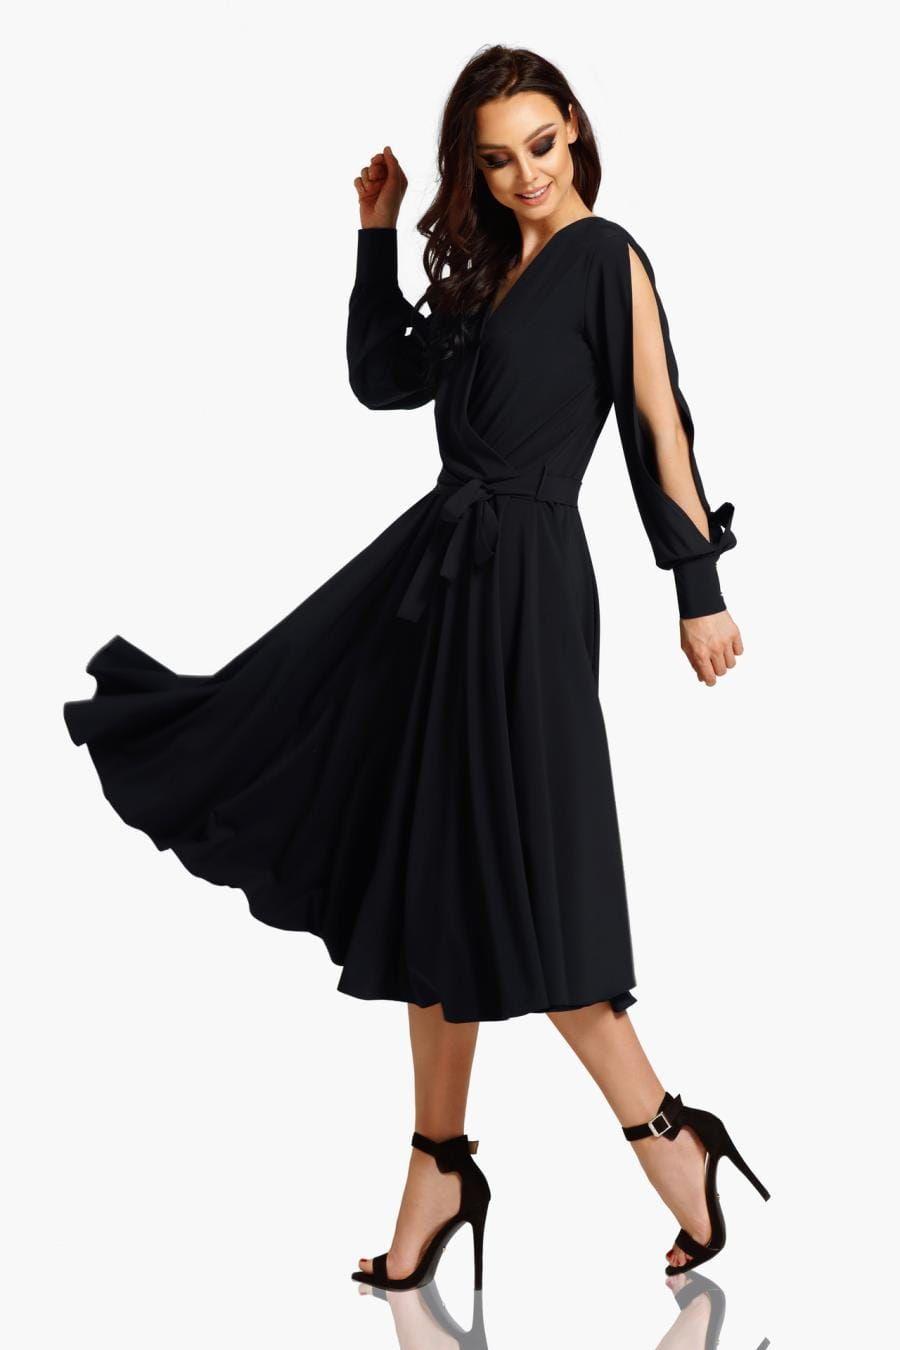 dea09139dd Szykowna Sukienka Midi z Rozciętymi Rękawami Czarna LEL295 w 2019 ...